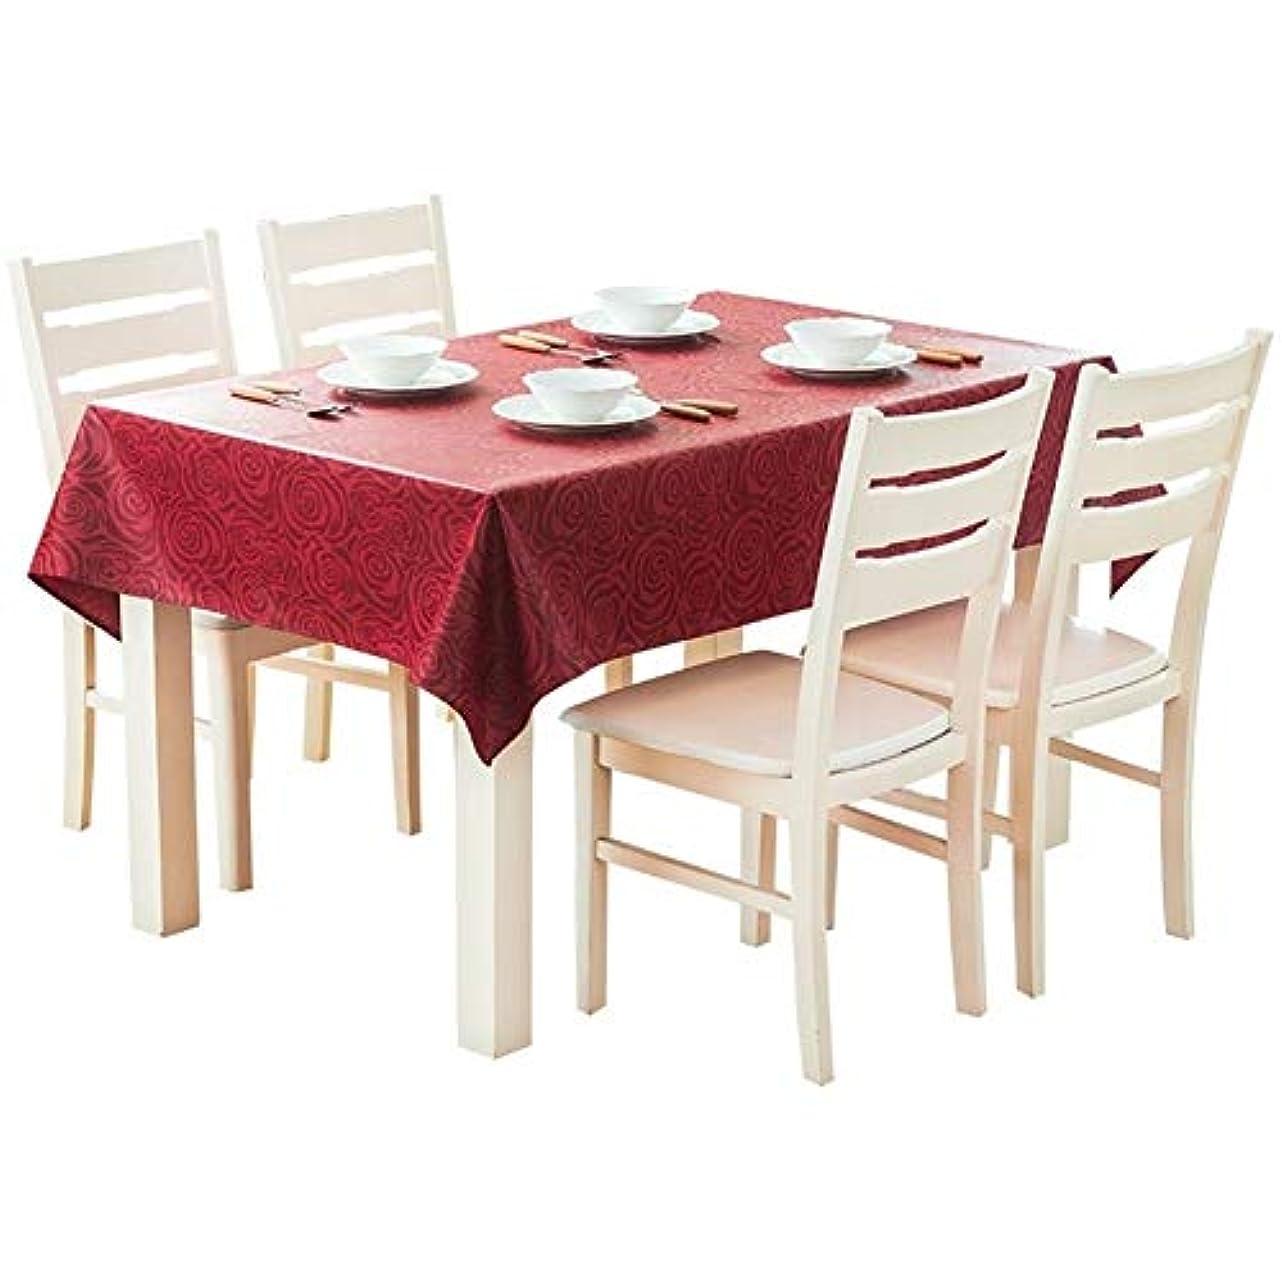 召集するゾーン免除するLuckya テーブルクロス テーブルマット テーブルクロス防水及び防油ジャカードダーク長方形のコーヒーテーブルクロス お手入れ簡単 家庭用 (Color : Red, Size : 140*140cm)